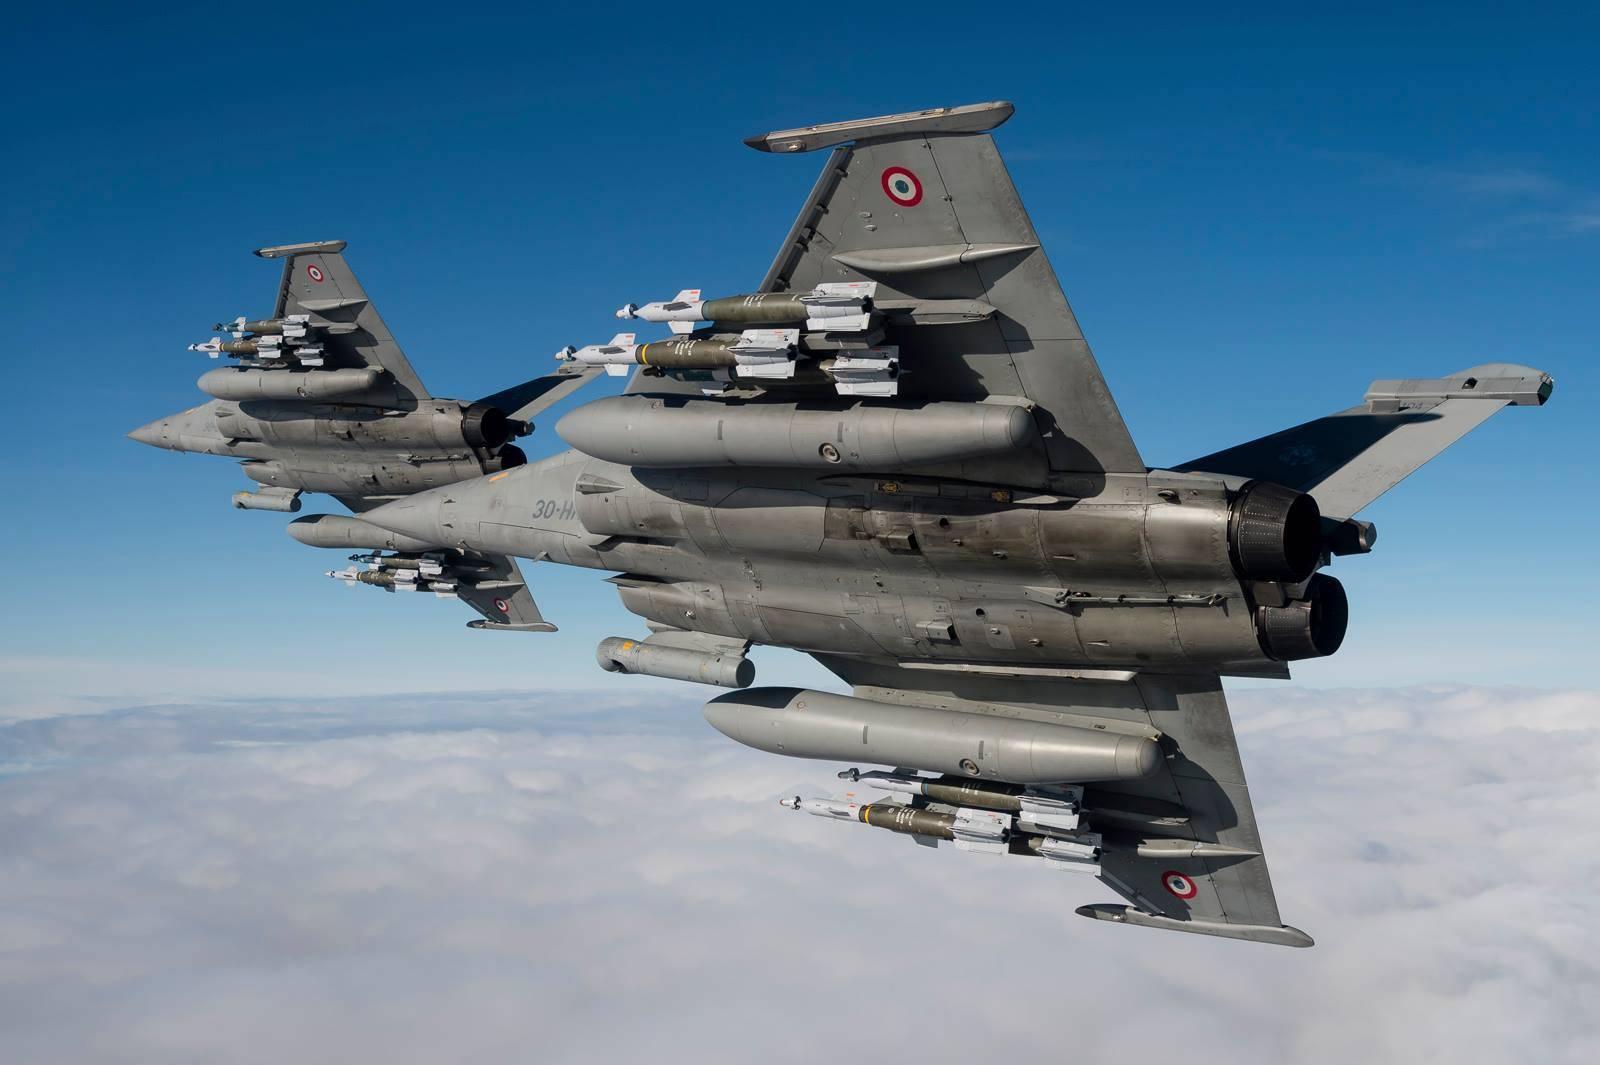 F-16砸向停机坪爆炸 10架战机直接被摧毁:60名军人当场被炸飞